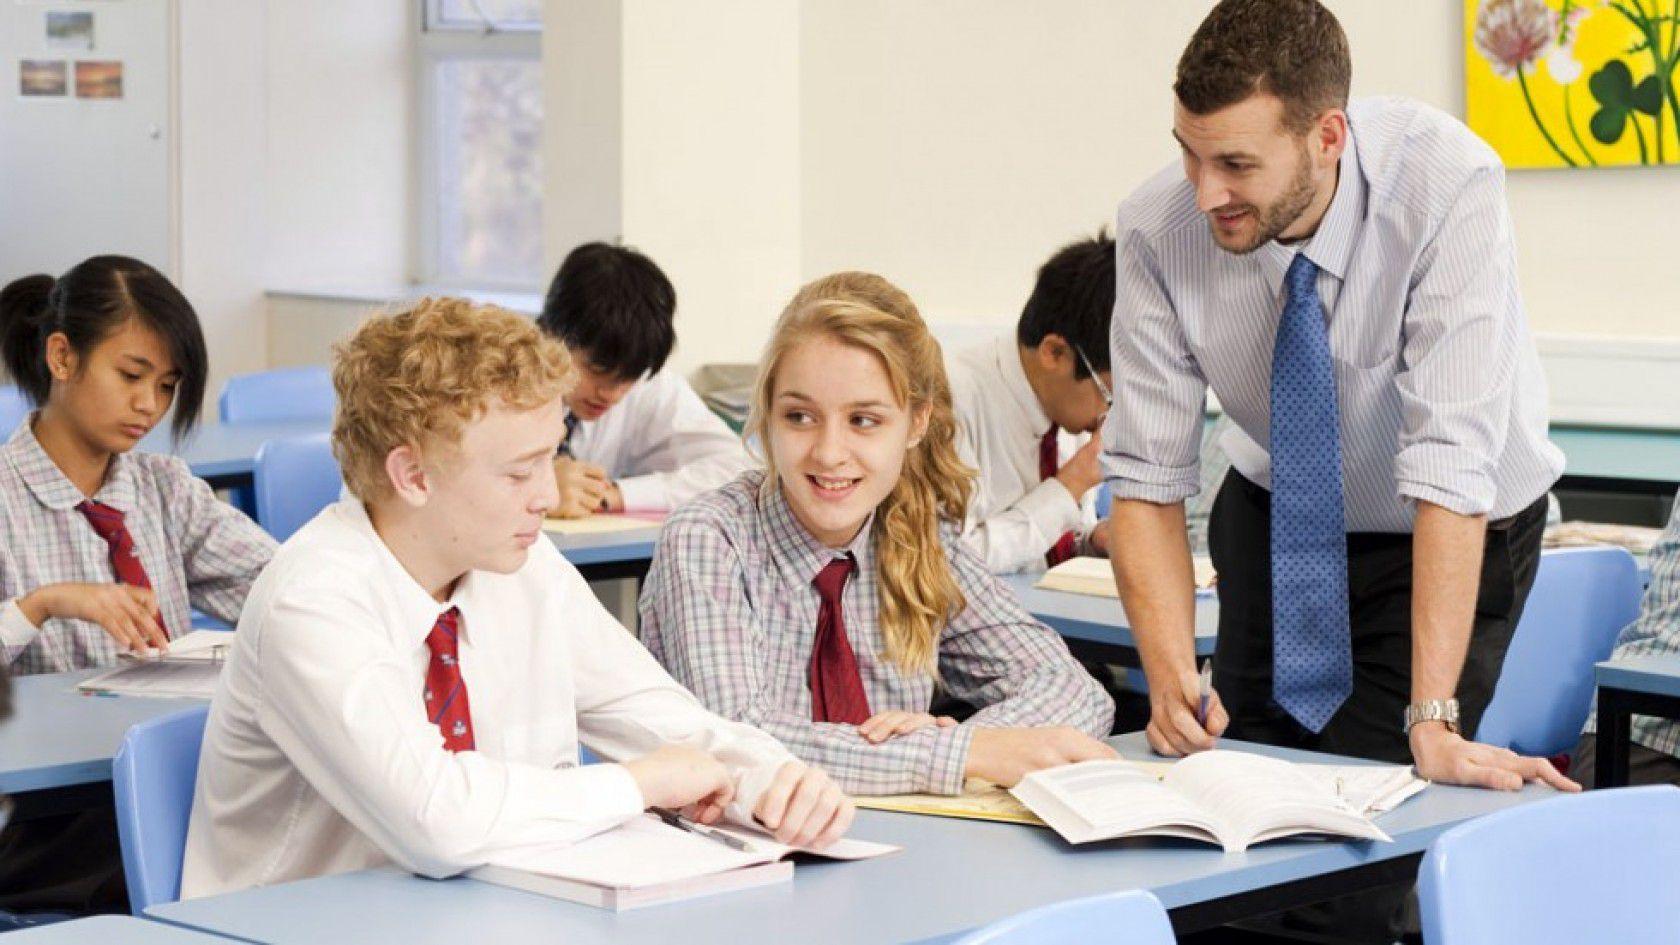 Uzmanların Görüşleri ile Avustralya'da Ortaokul Eğitimi ile Alakalı Bilinmesi Gereken Detaylar